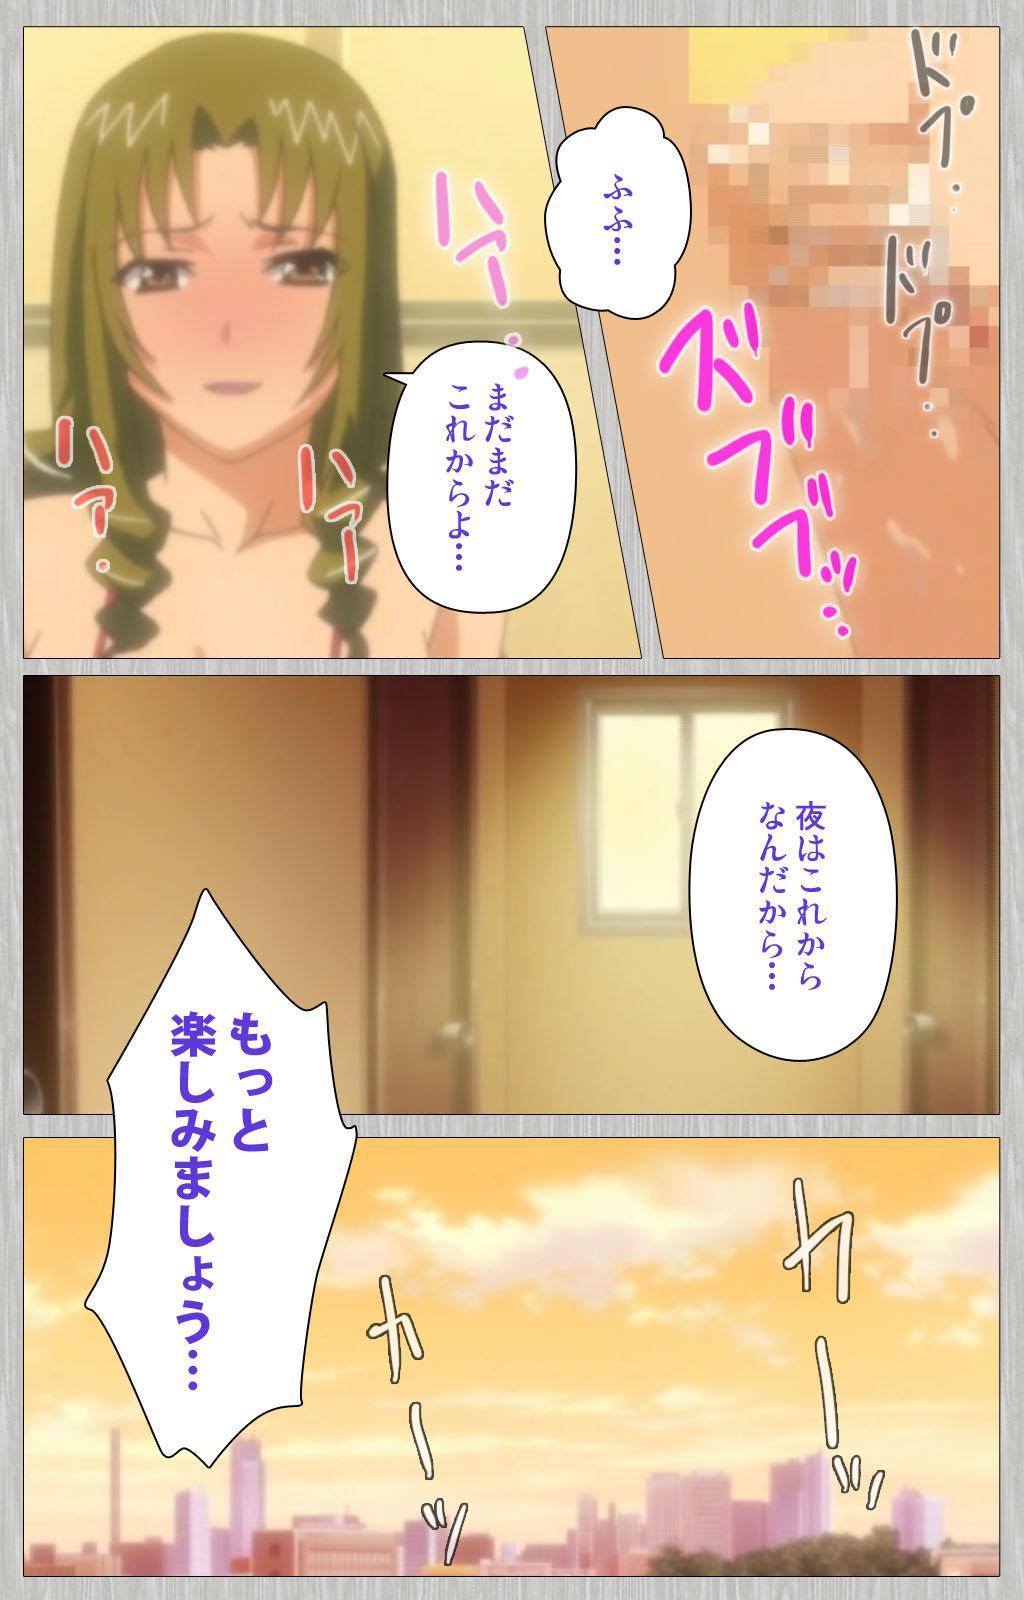 Tsuma no haha Sayuri Kanzenban 200